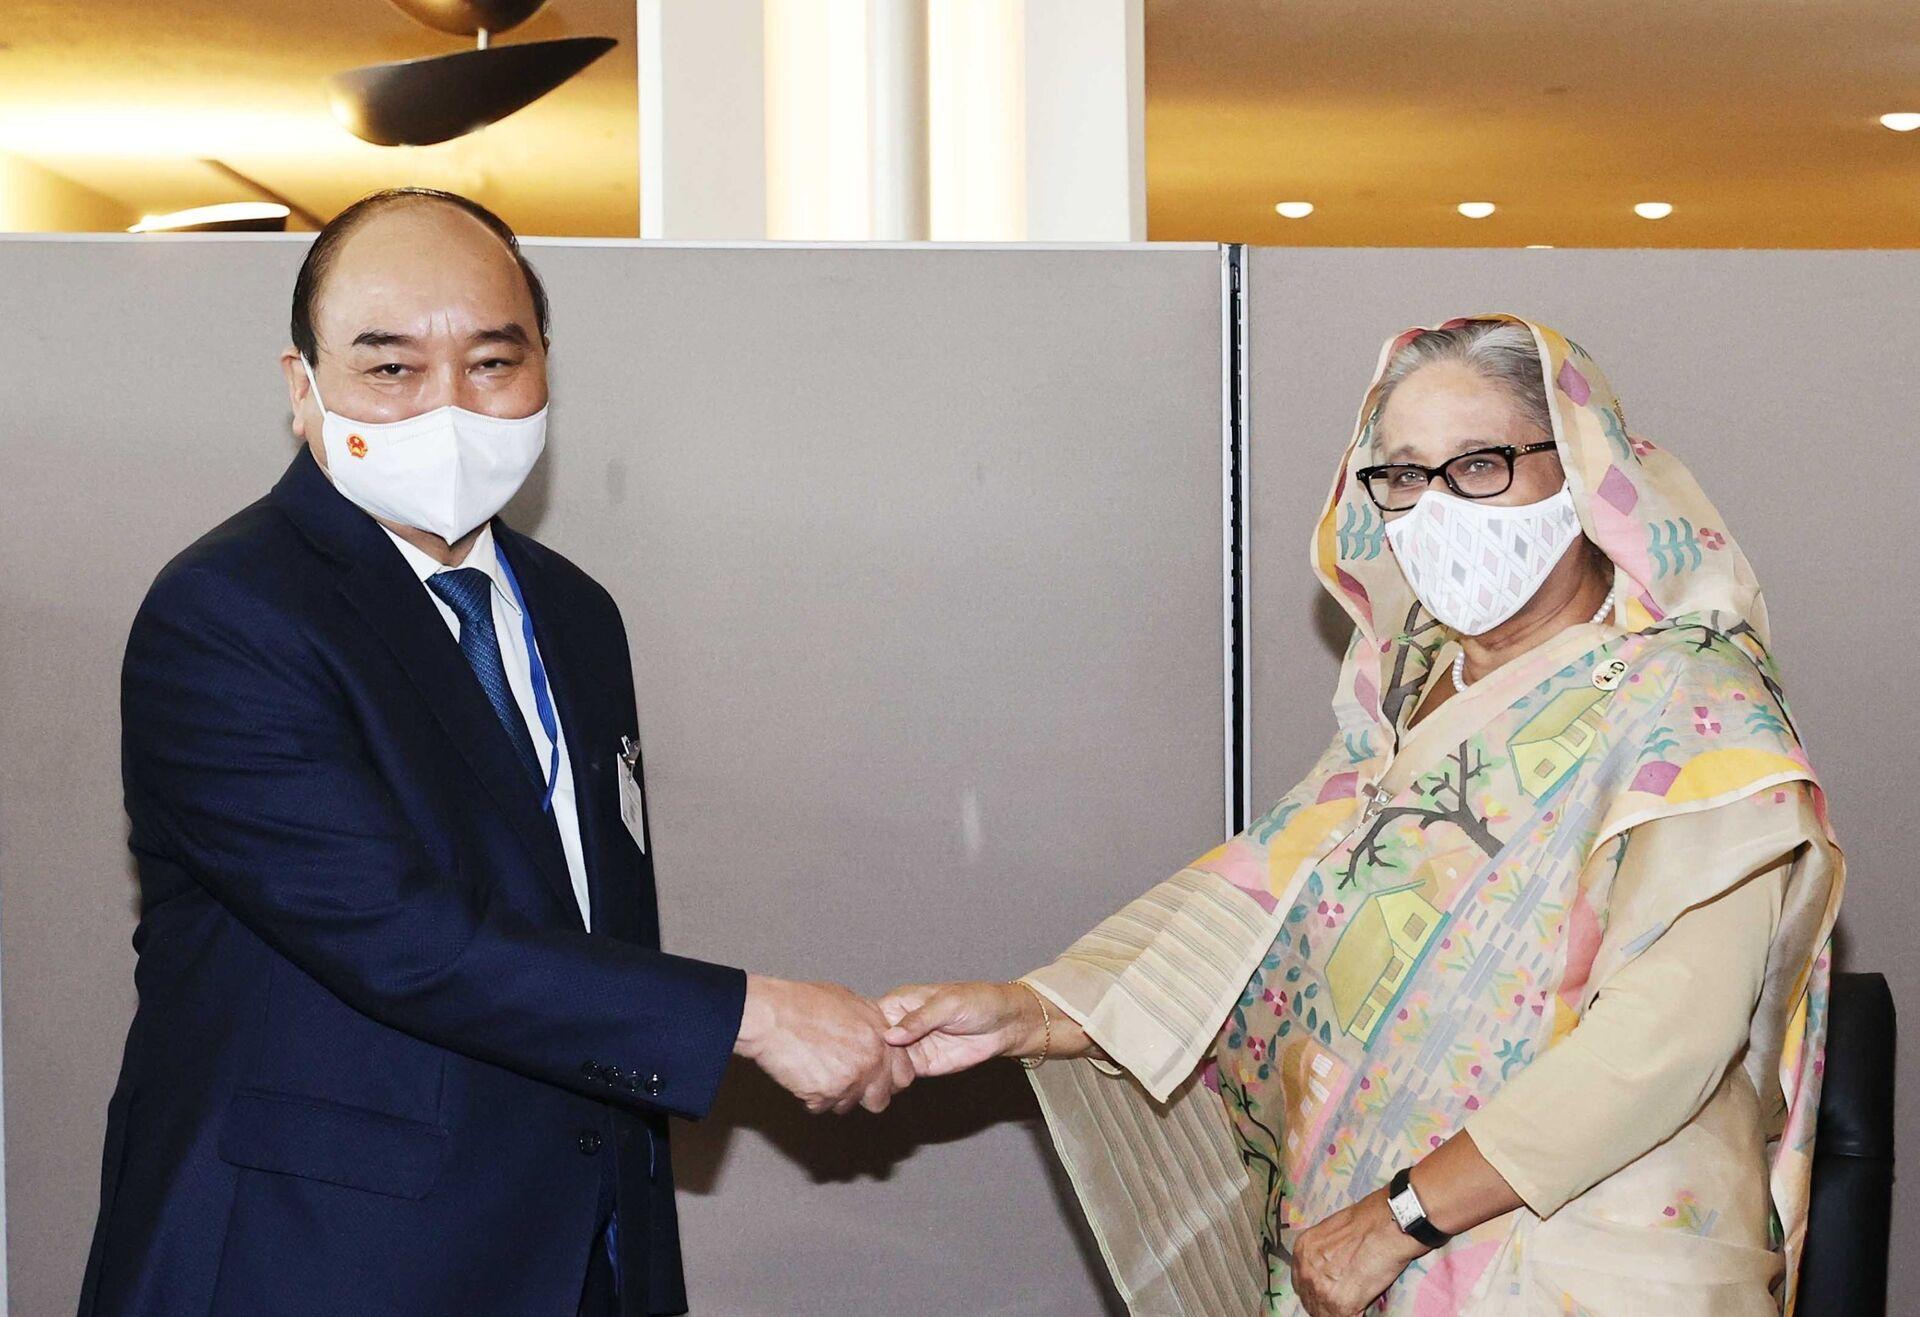 Chủ tịch nước Nguyễn Xuân Phúc gặp Thủ tướng Bangladesh Sheikh Hasina. - Sputnik Việt Nam, 1920, 05.10.2021